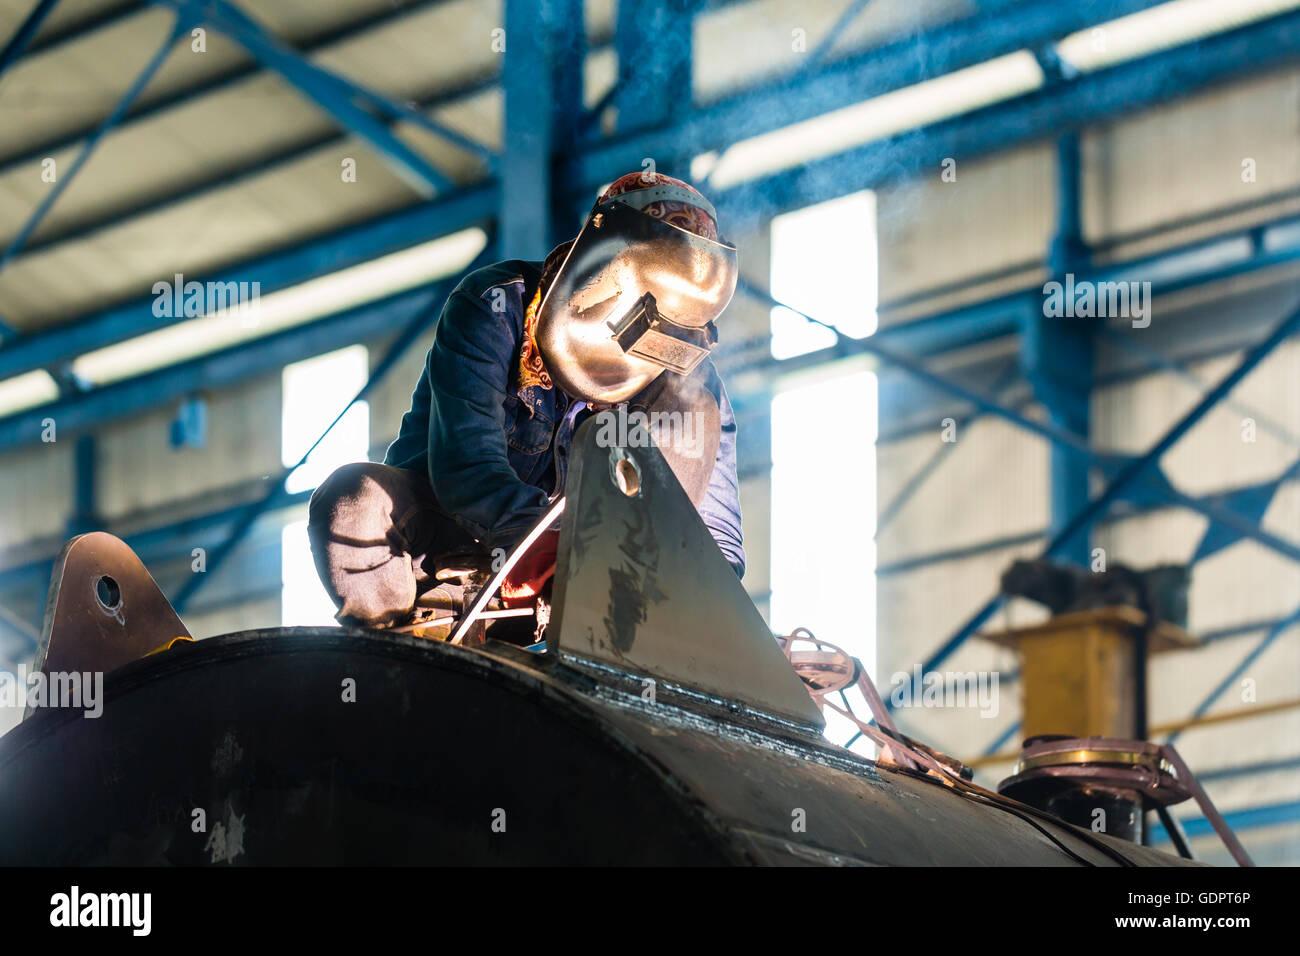 Saldatrice a lavorare in un ambiente industriale di fabbricazione di apparecchiature in acciaio Immagini Stock